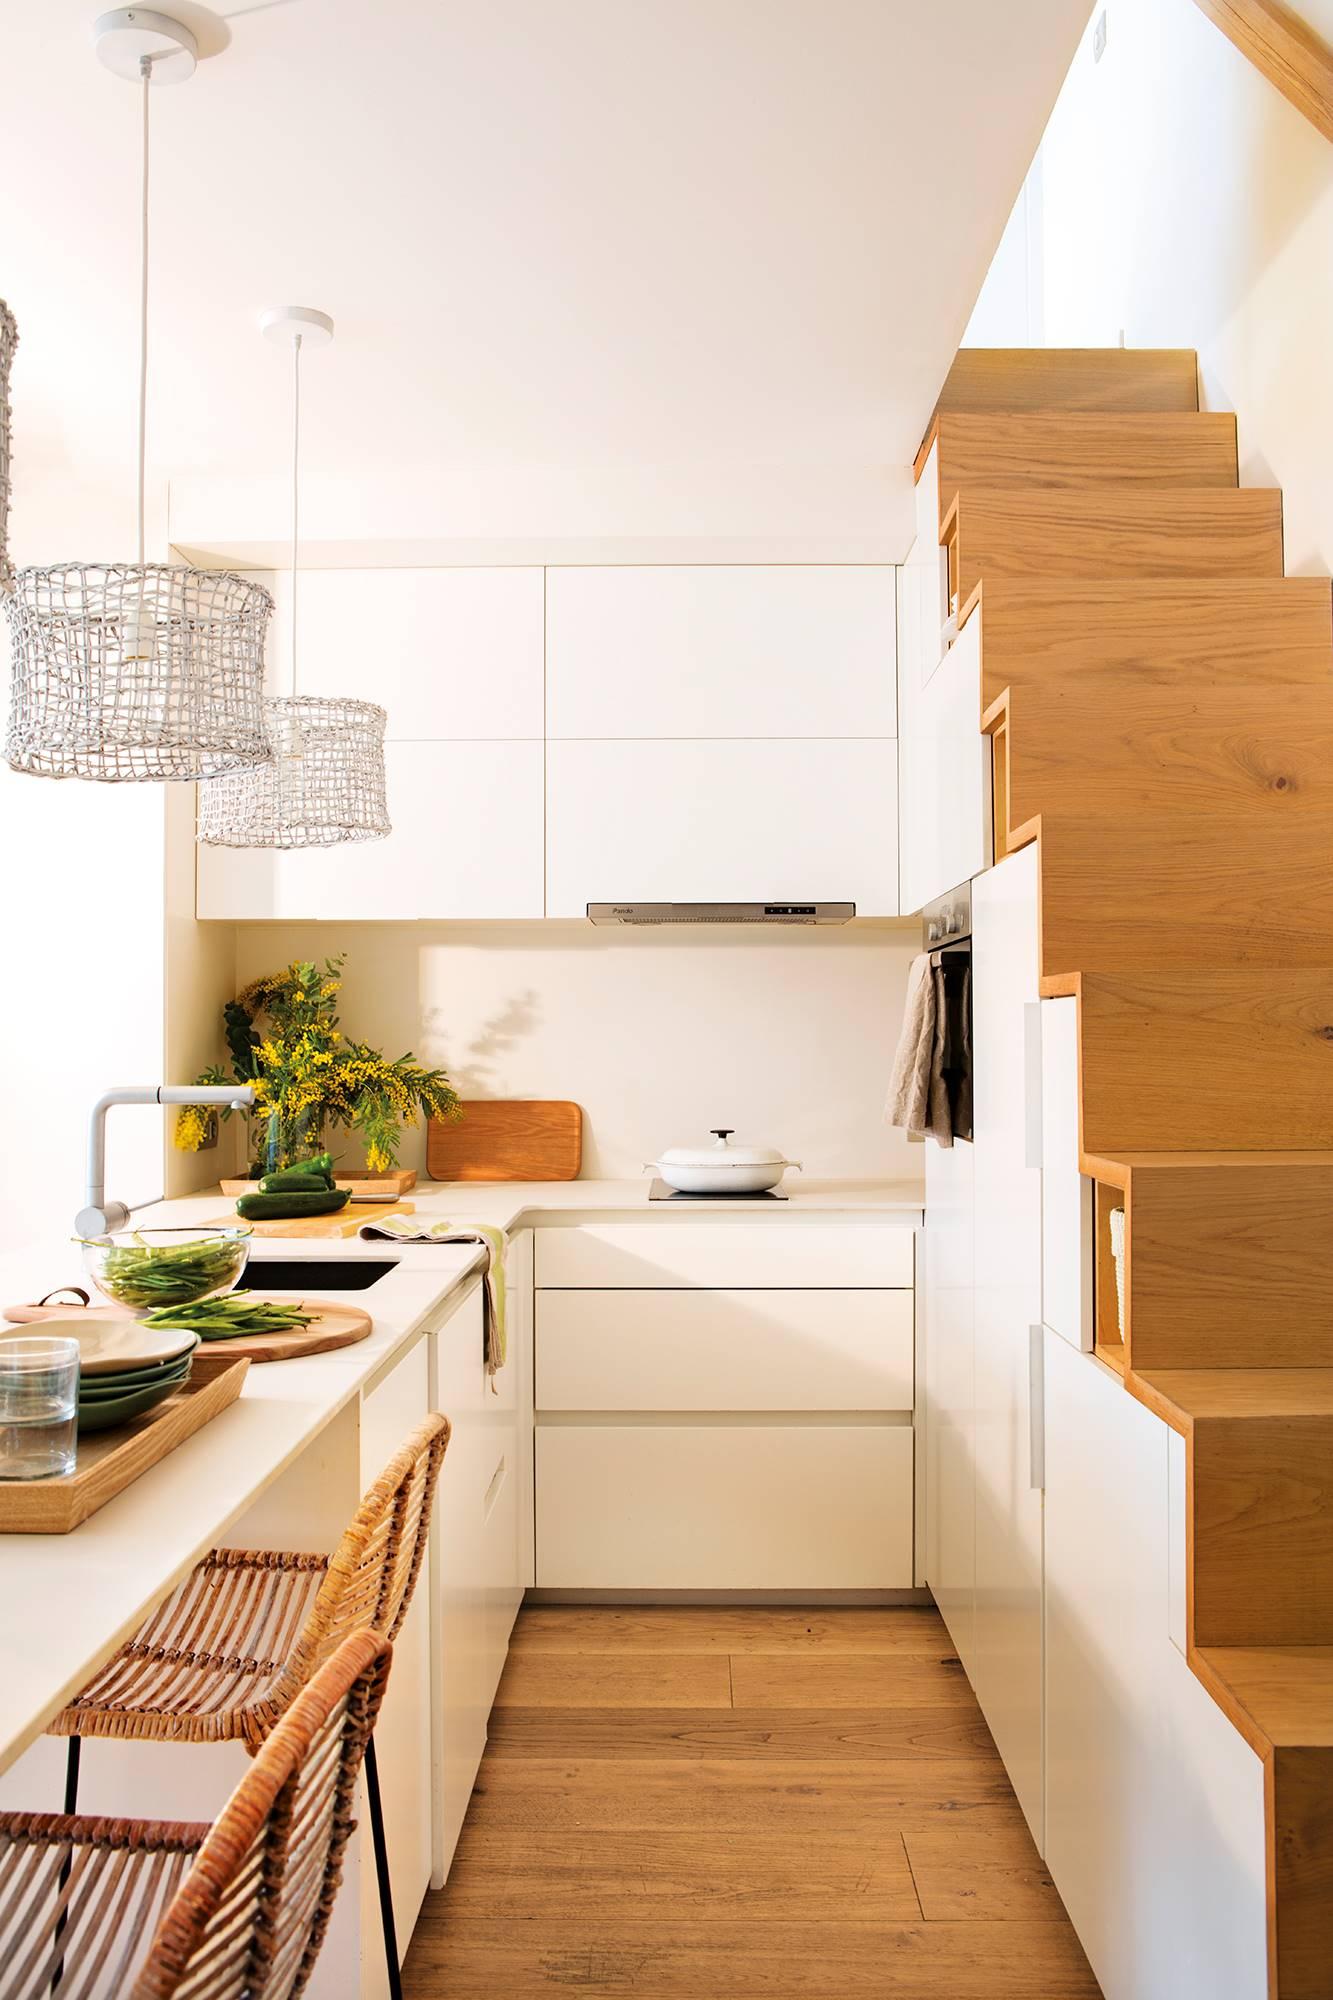 50 espacios bien aprovechados soluciones para casas peque as for Mueble de cocina con pileta